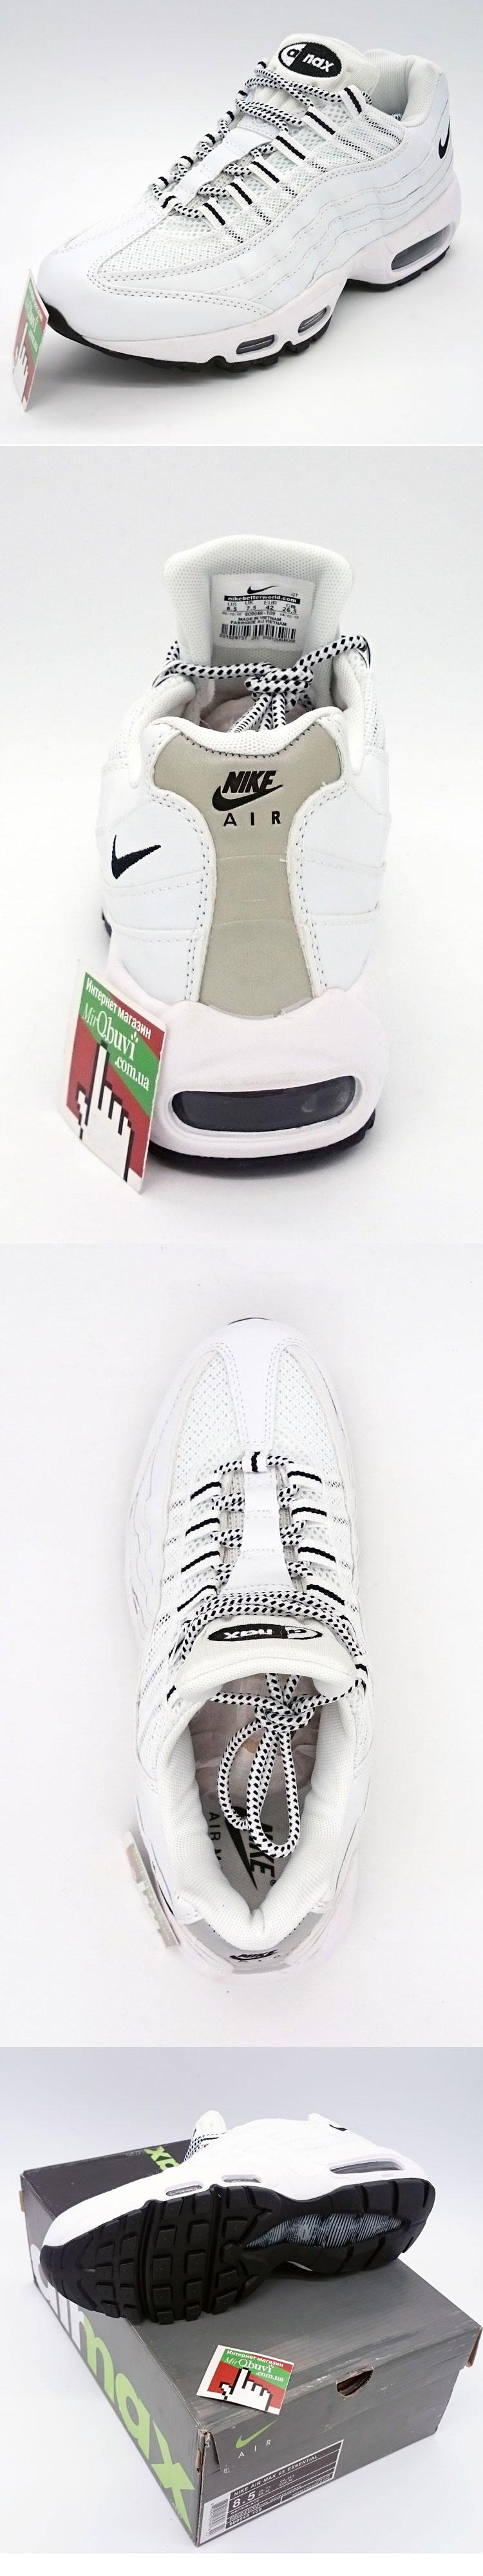 большое фото №6 Кроссовки Nike air max 95 белые. ТОП КАЧЕСТВО!!!